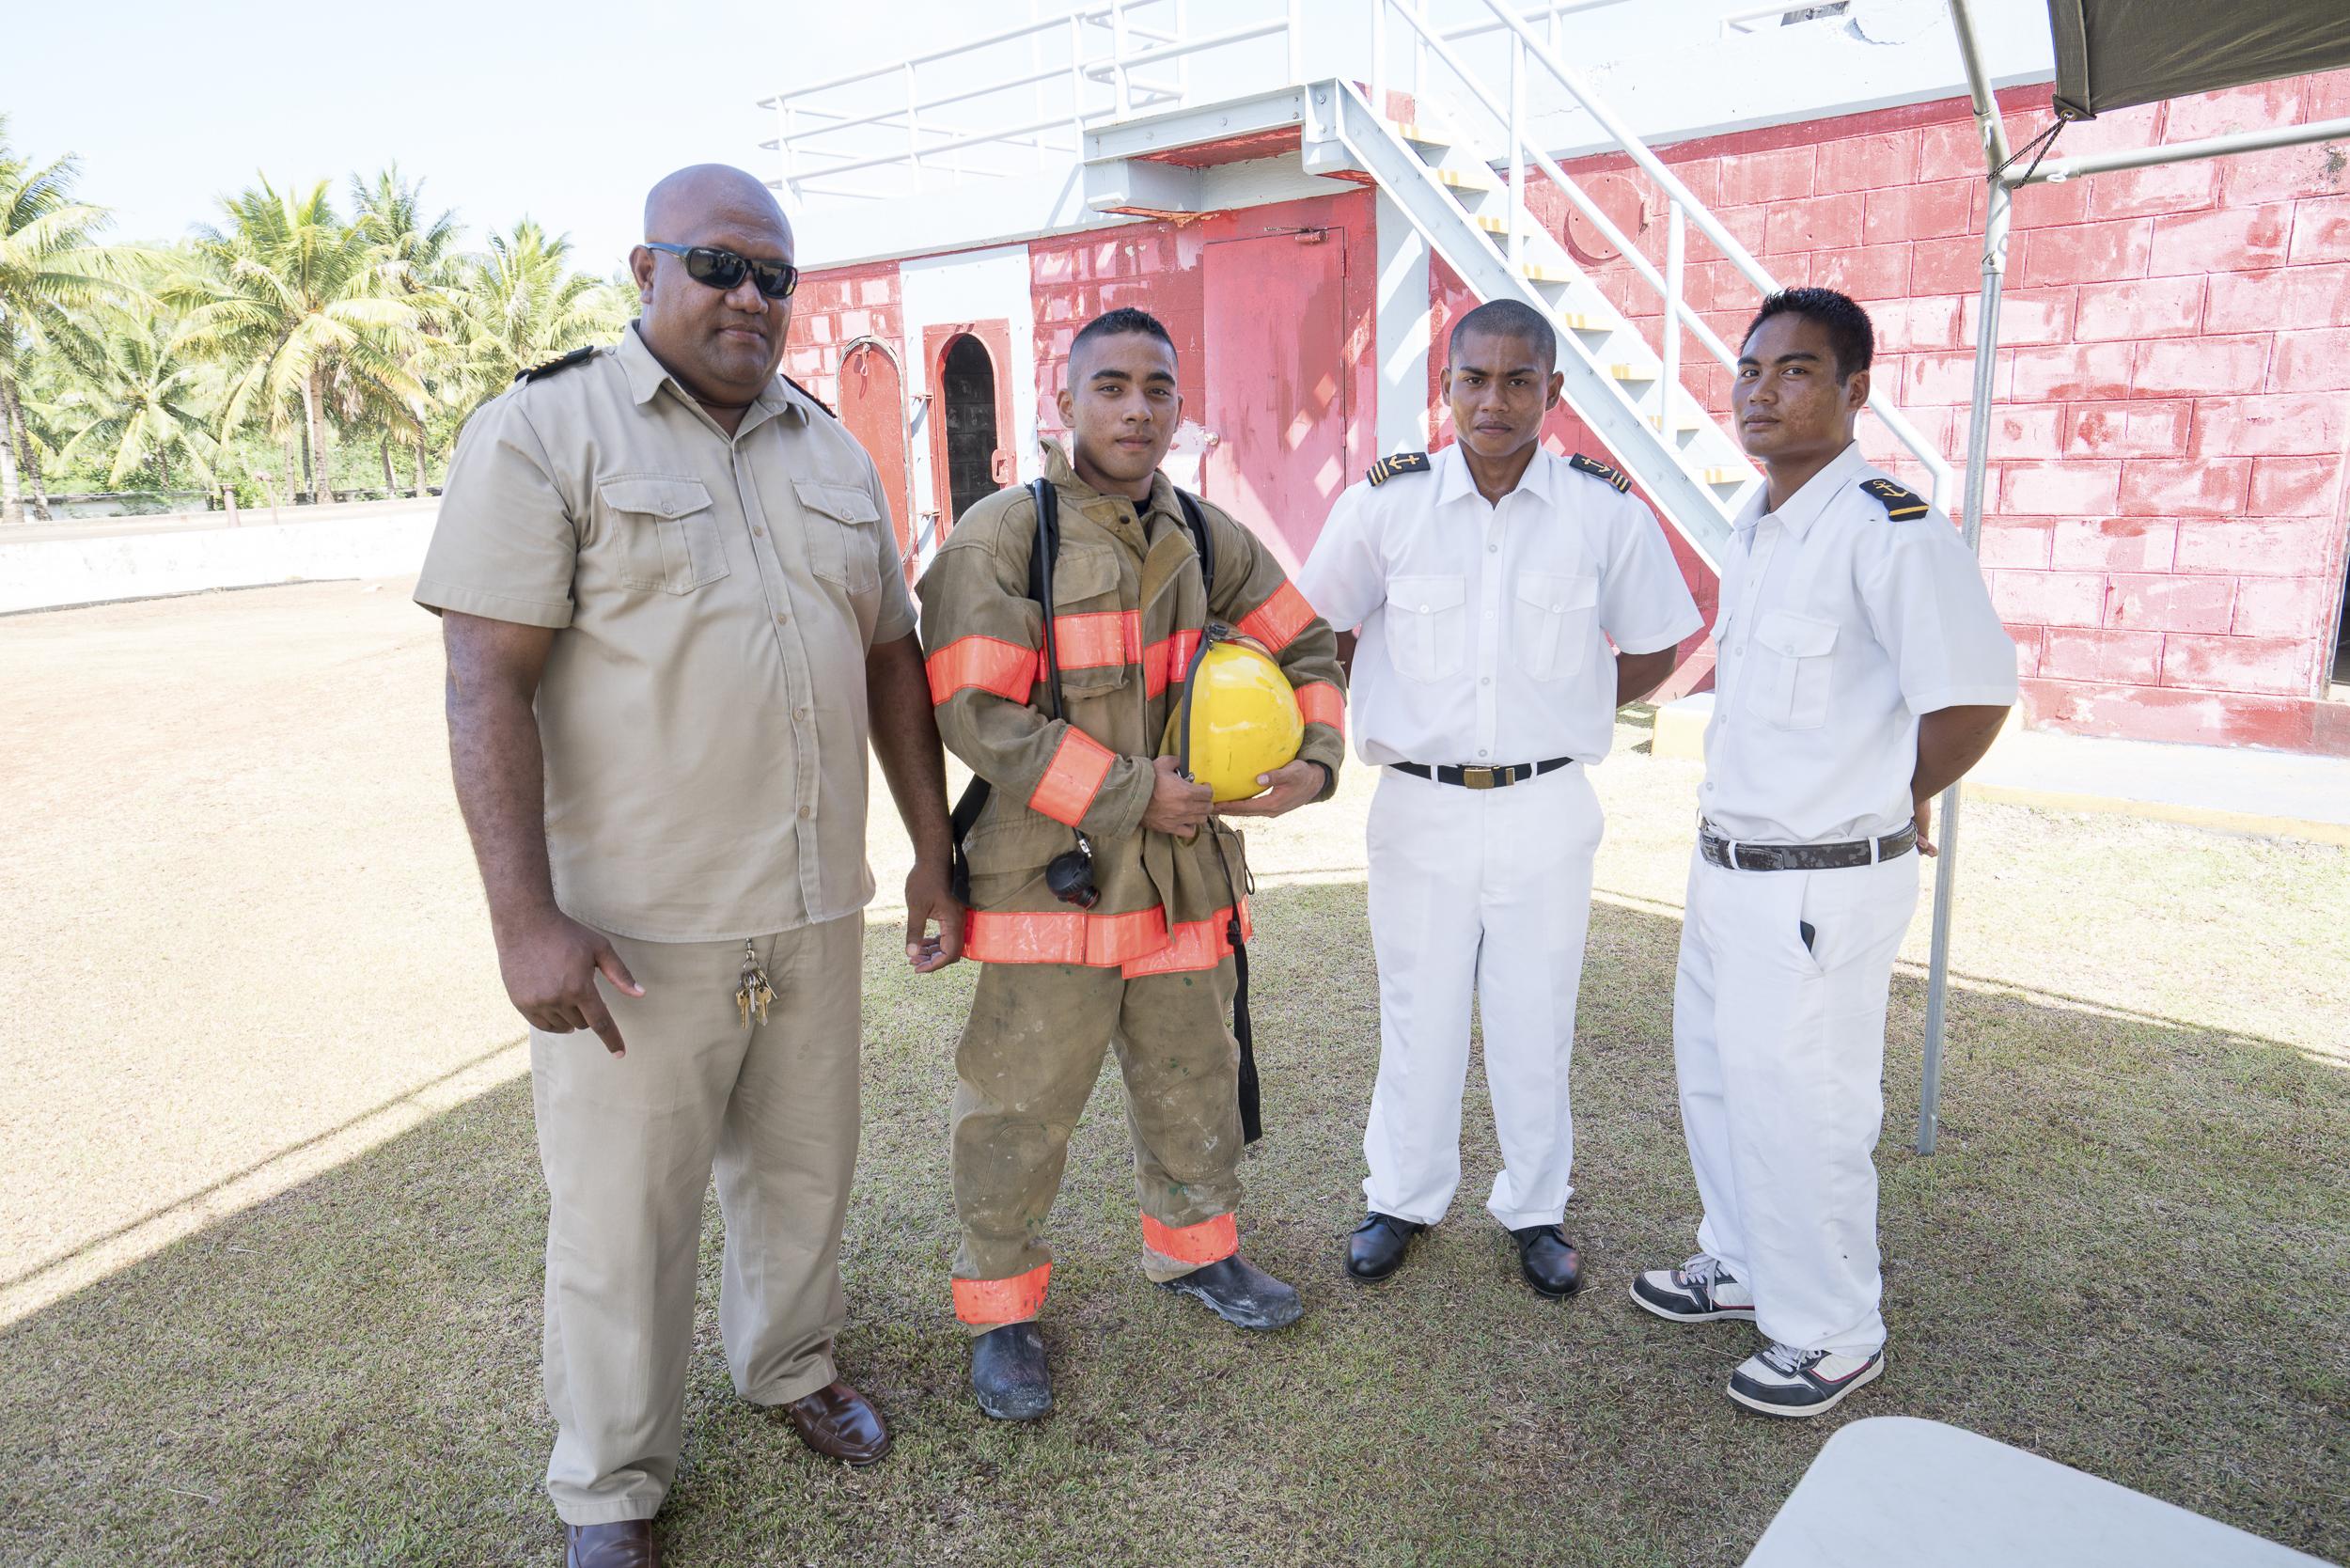 Firefighting crew